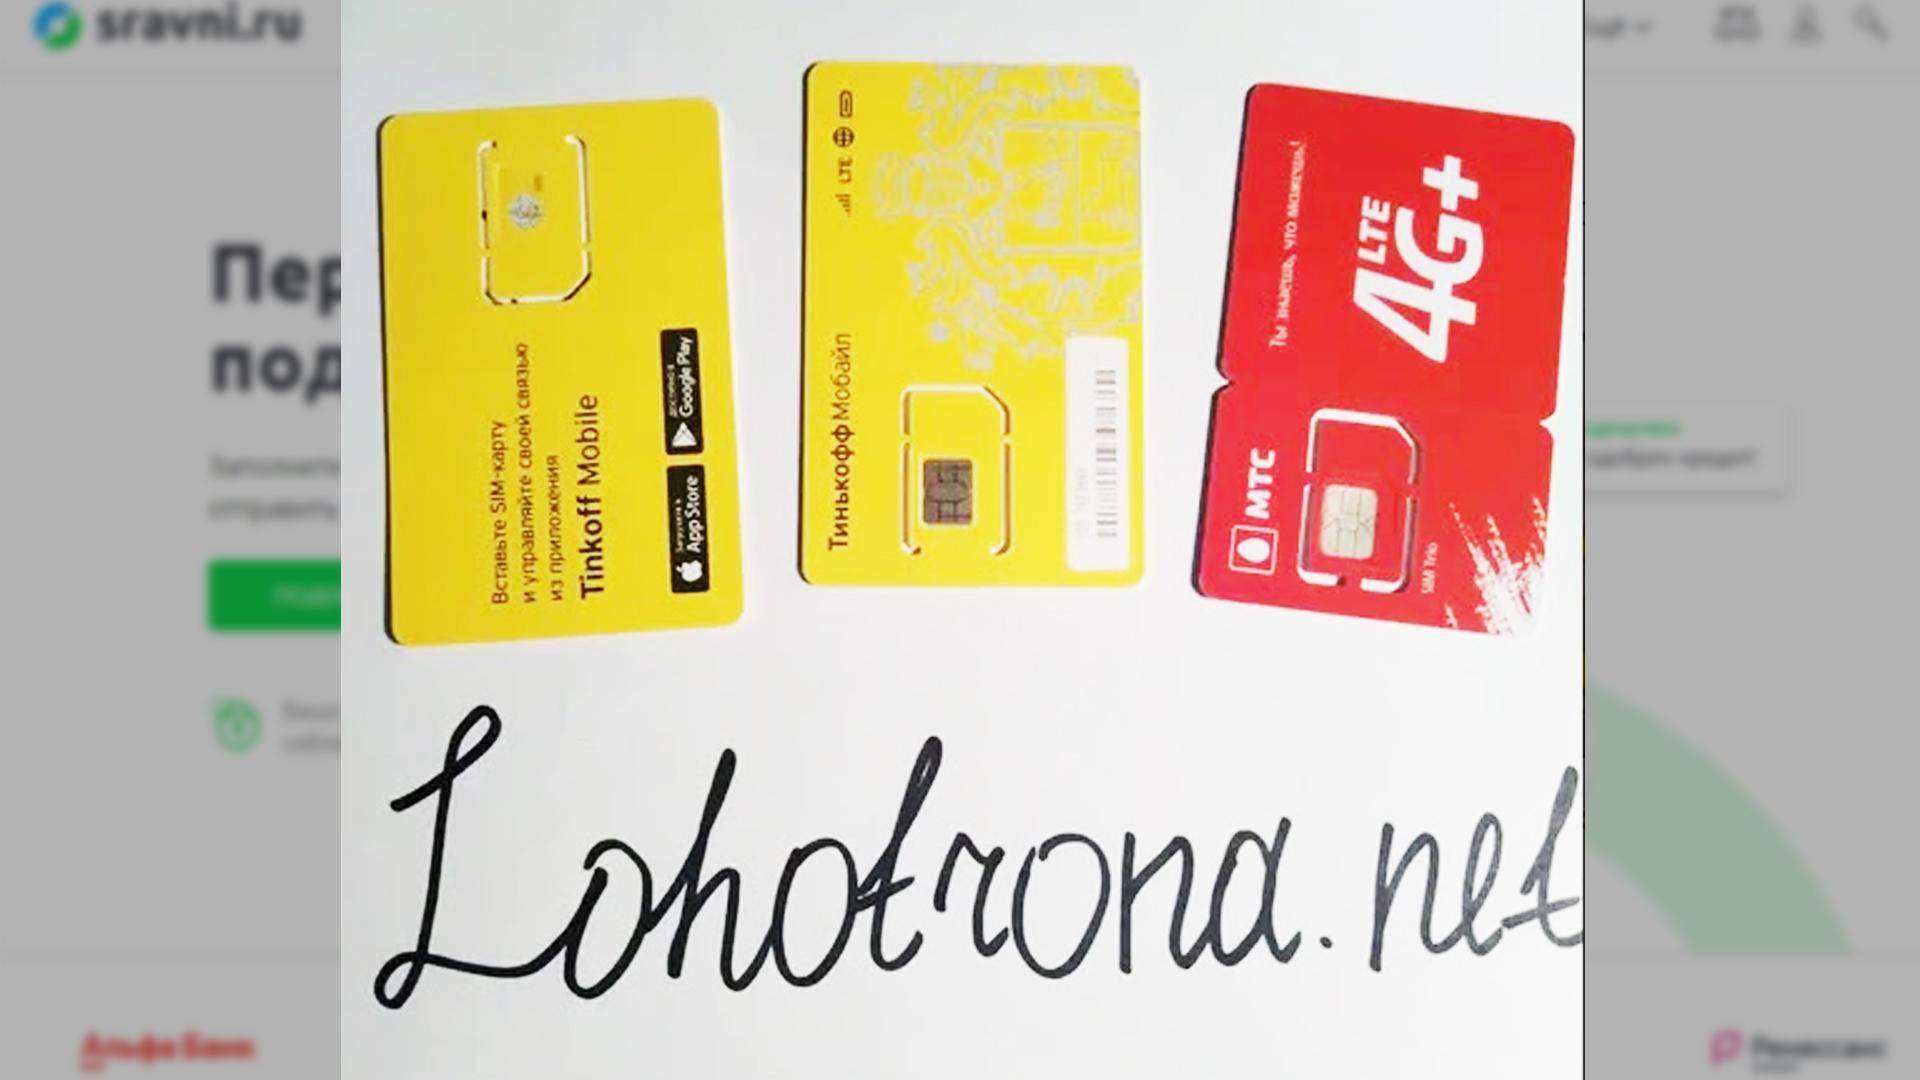 Сим-карты использованные в эксперименте на финансовом супермаркете Сравни.ру.